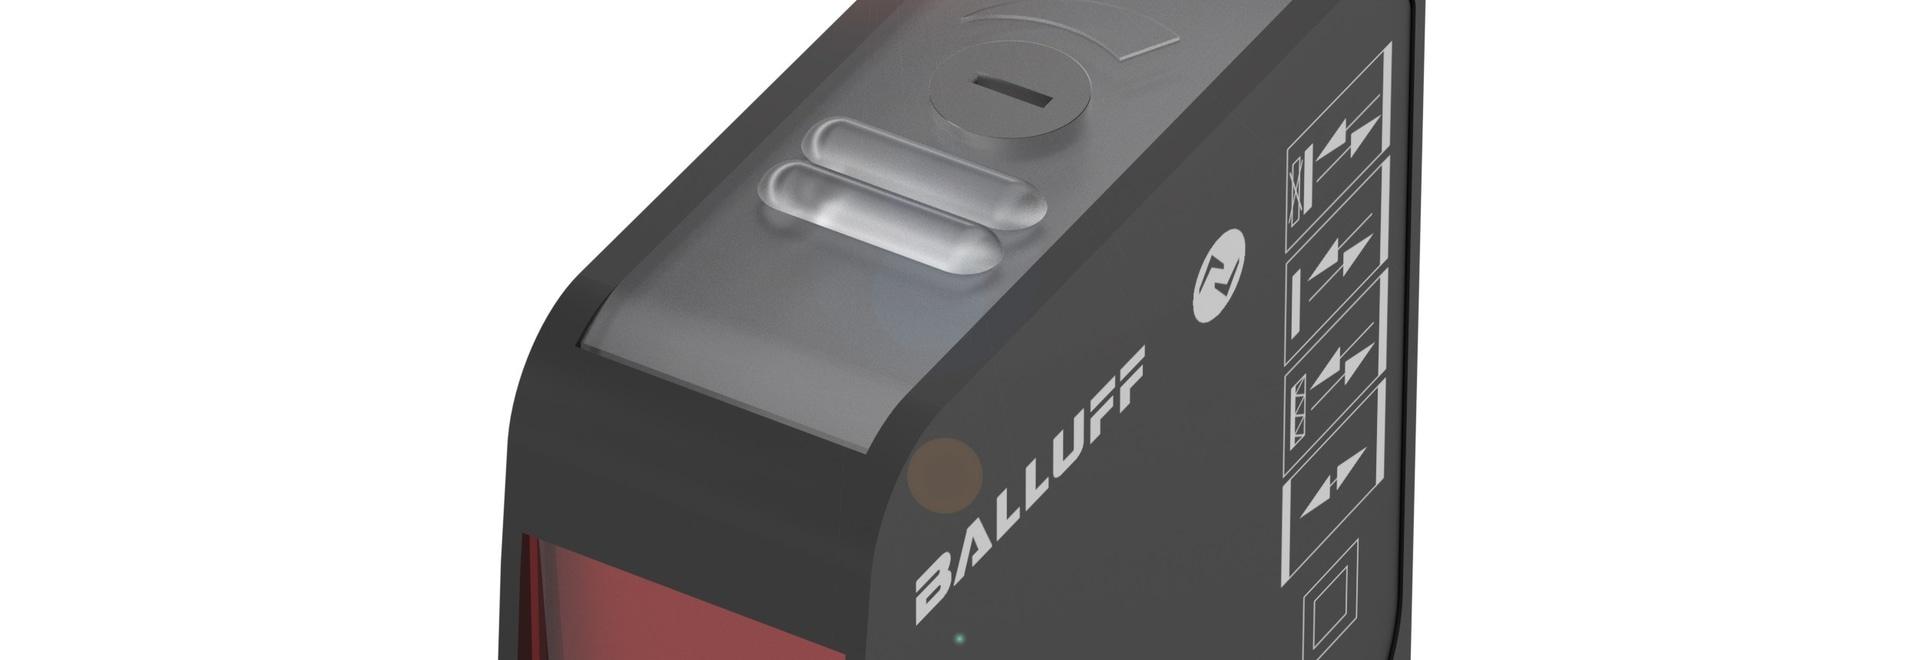 Sensor elegante para Internet de las cosas IoT